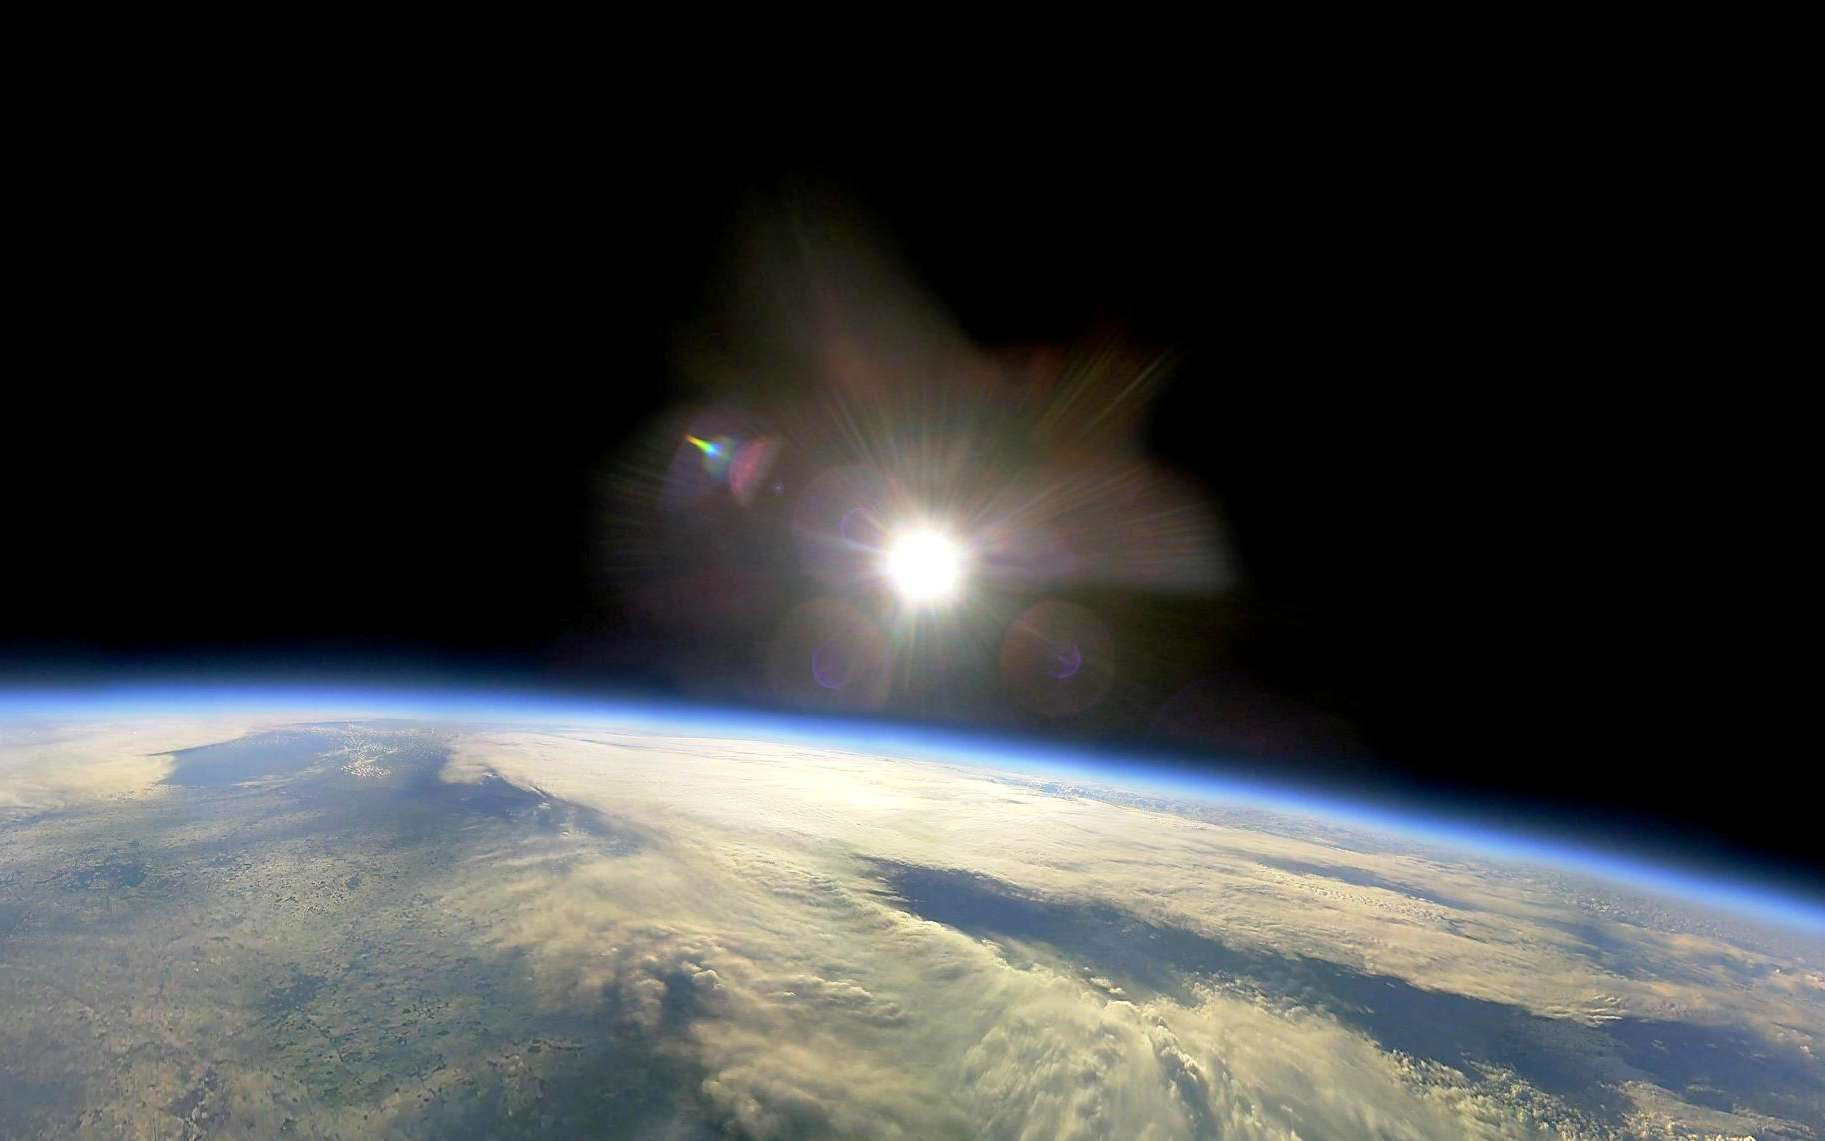 Géoingénierie : un test pour refroidir la Terre à l'étudeUne photo prise en 2010 à partir d'un ballon dans la stratosphère au dessus de l'Angleterre. © Universities Space Research Association